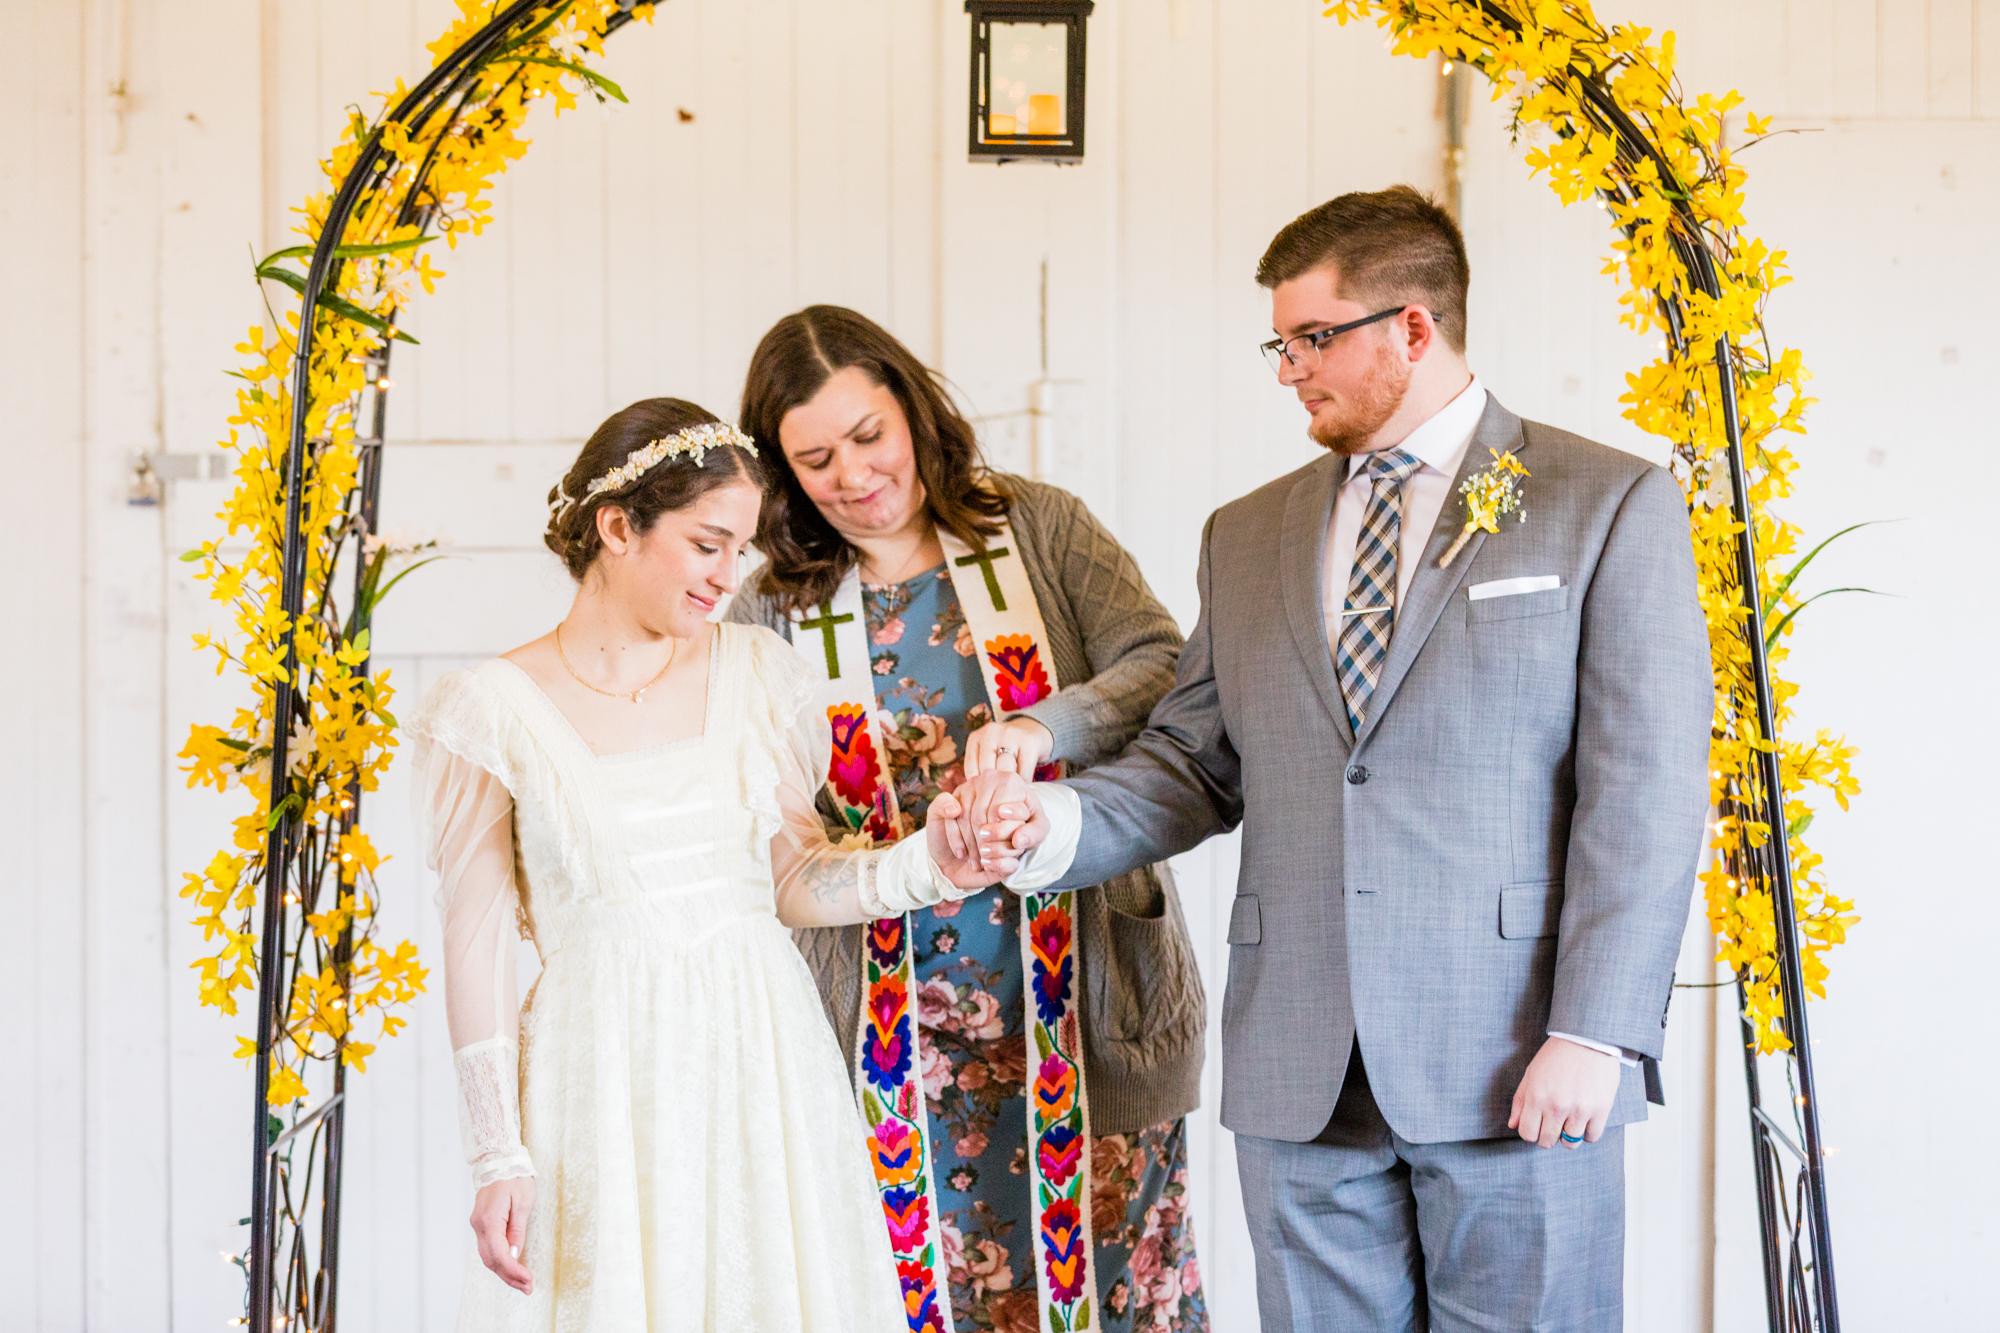 THE FARMHOUSE DE WEDDING PHOTOGRAPHY-054.jpg